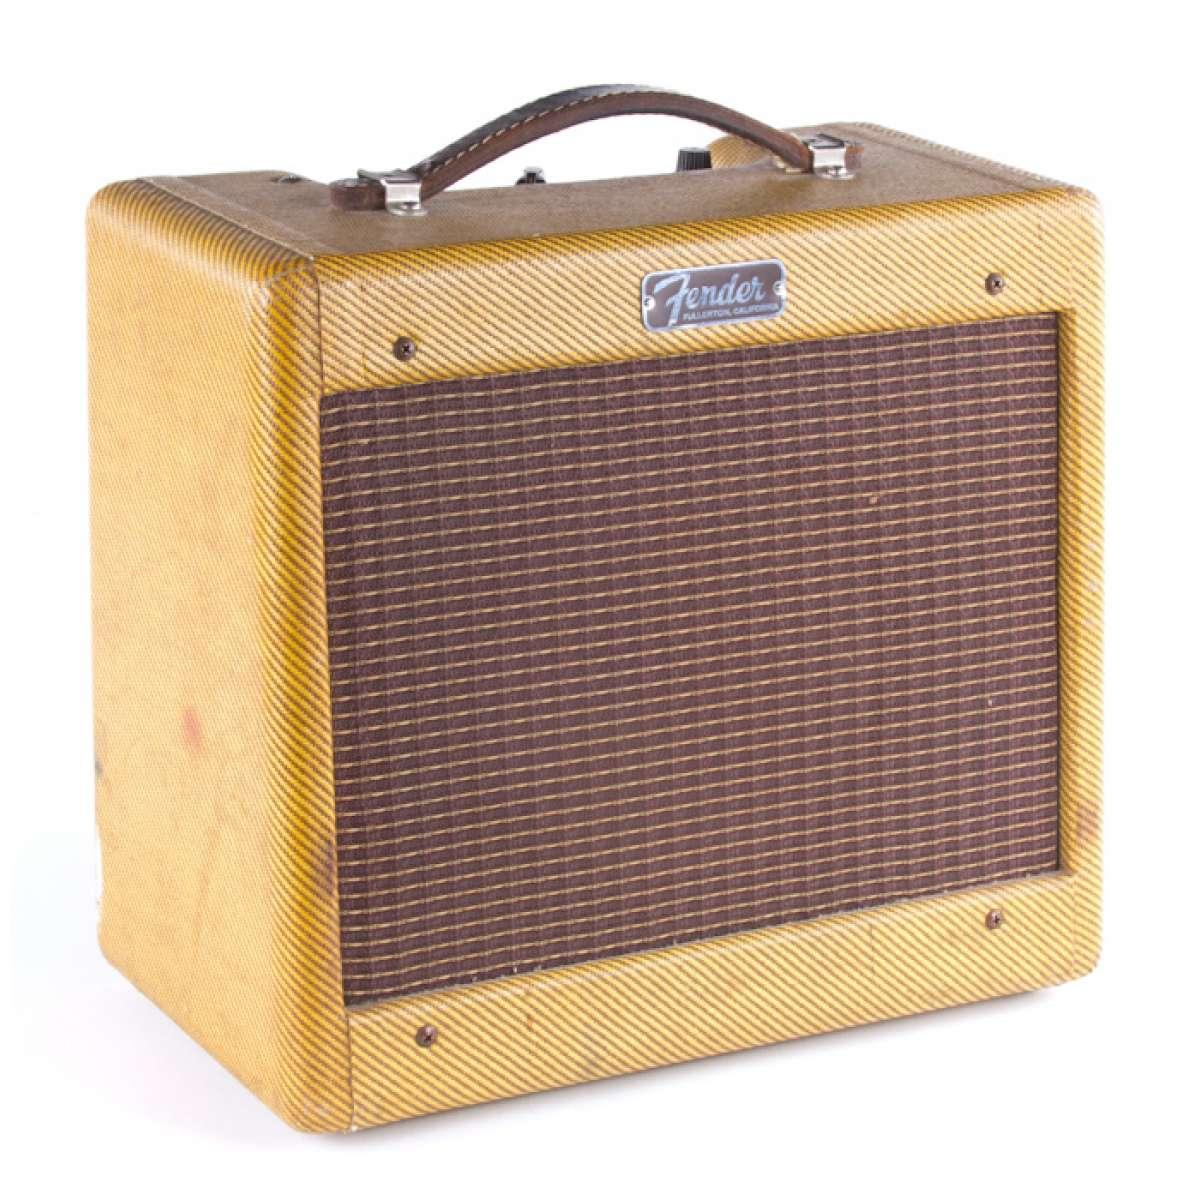 1959_fender_champ_tweed_amplifier_11476.jpg